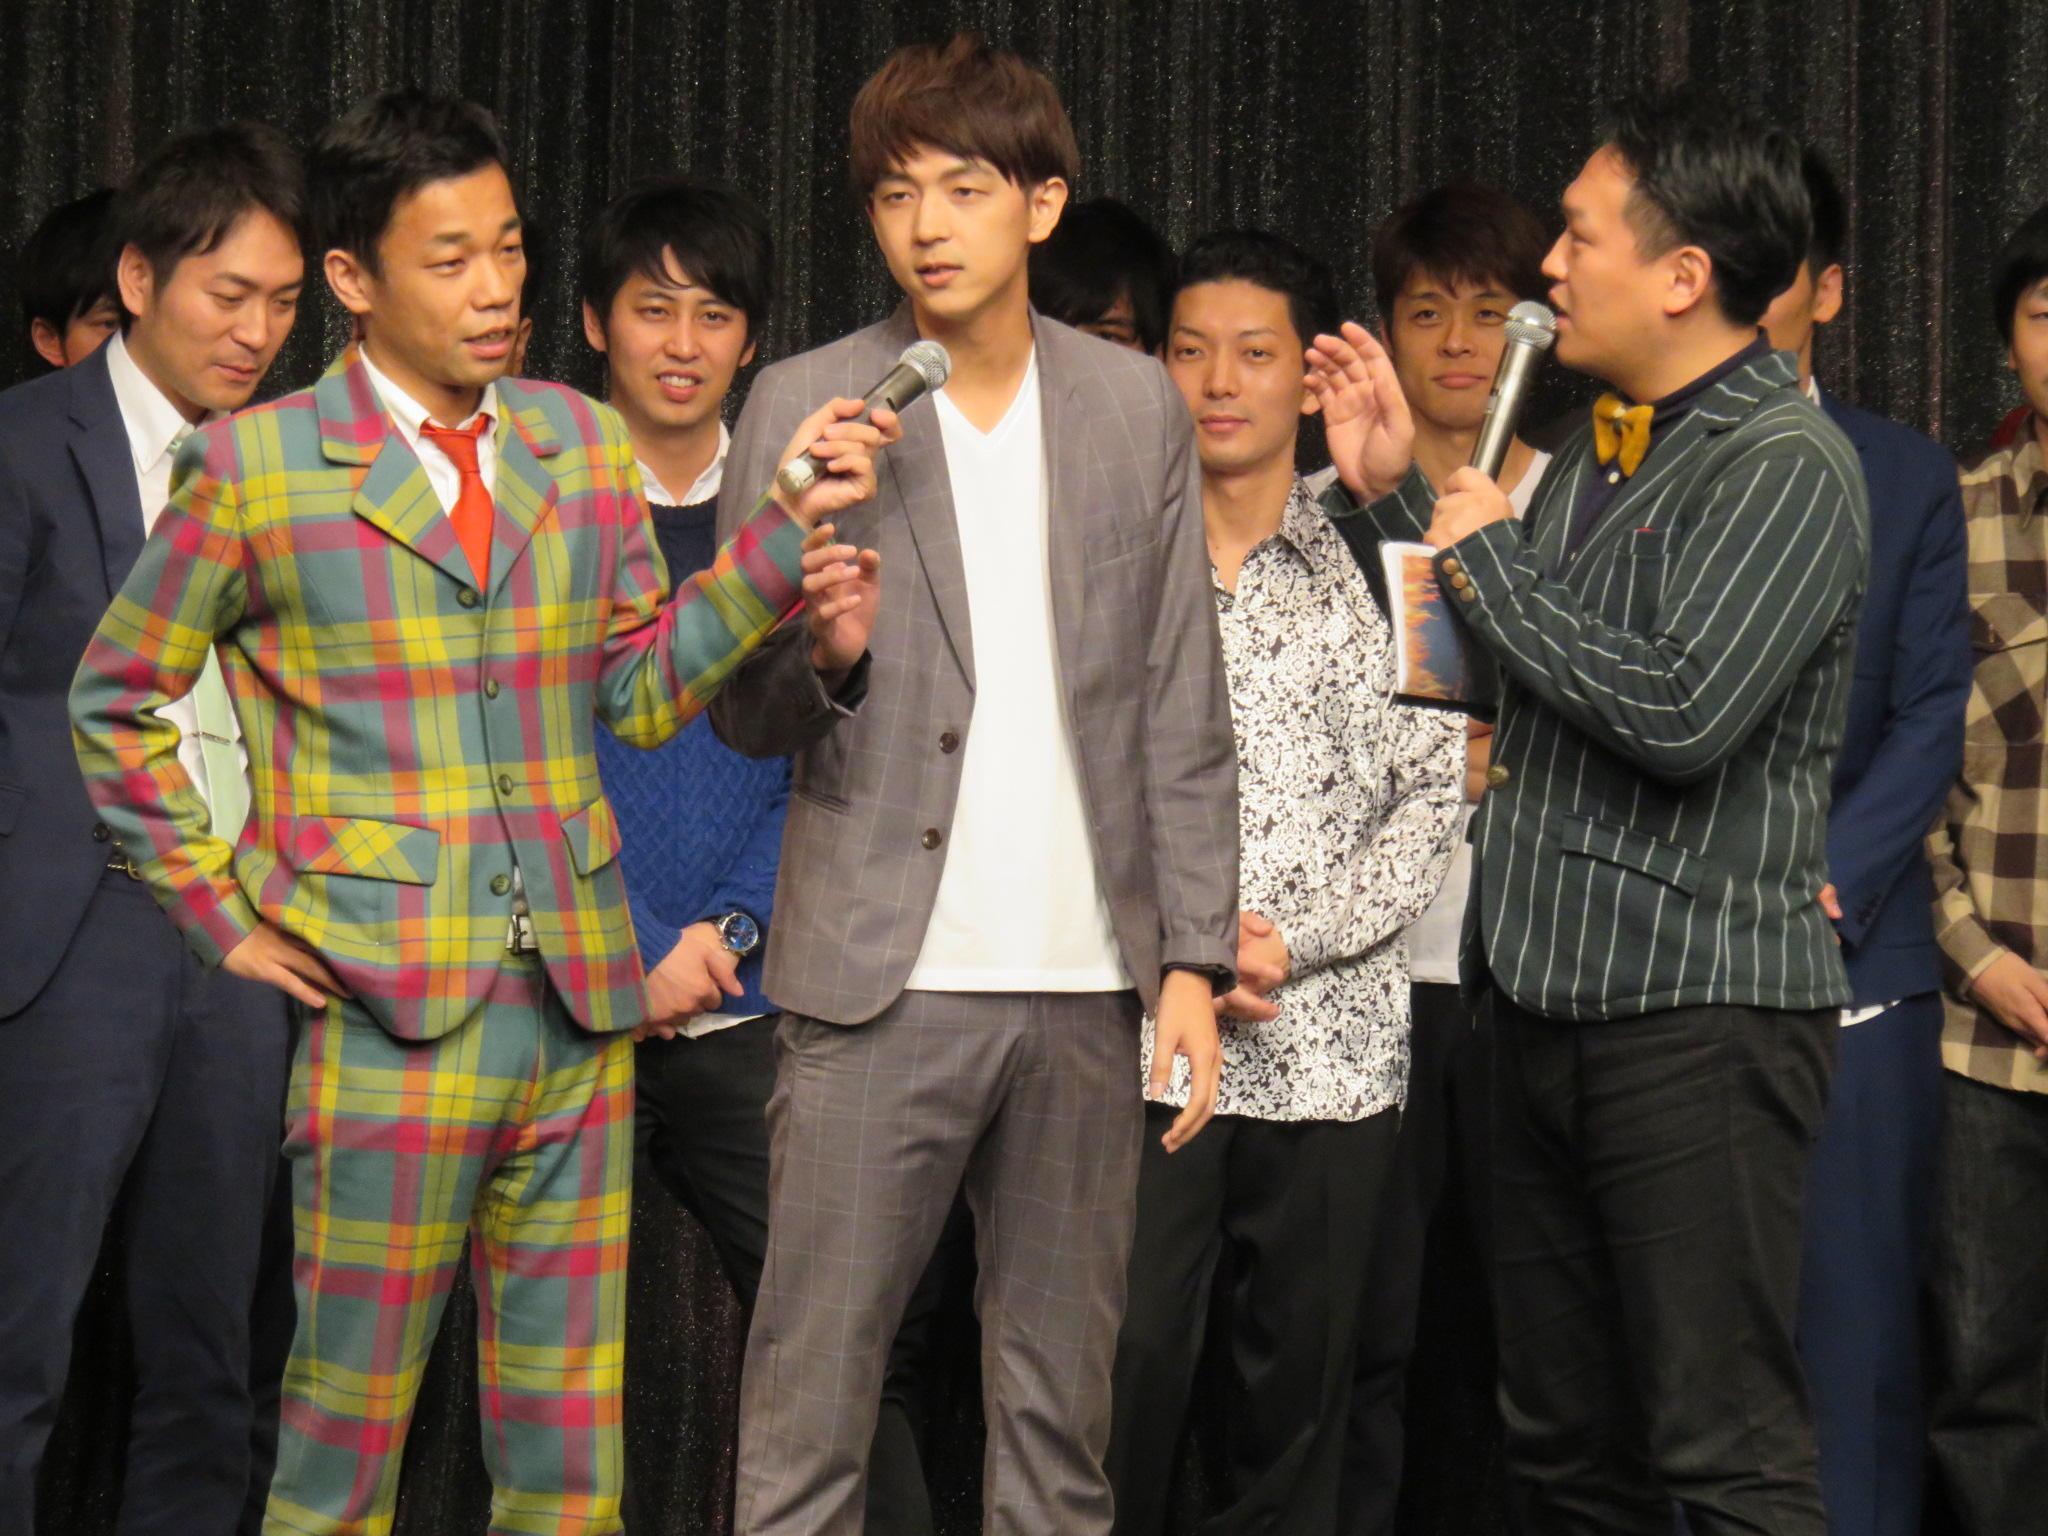 http://news.yoshimoto.co.jp/20151230170206-37d3b84b35f9b9cd54cabe0fbef85d04a3404d07.jpg